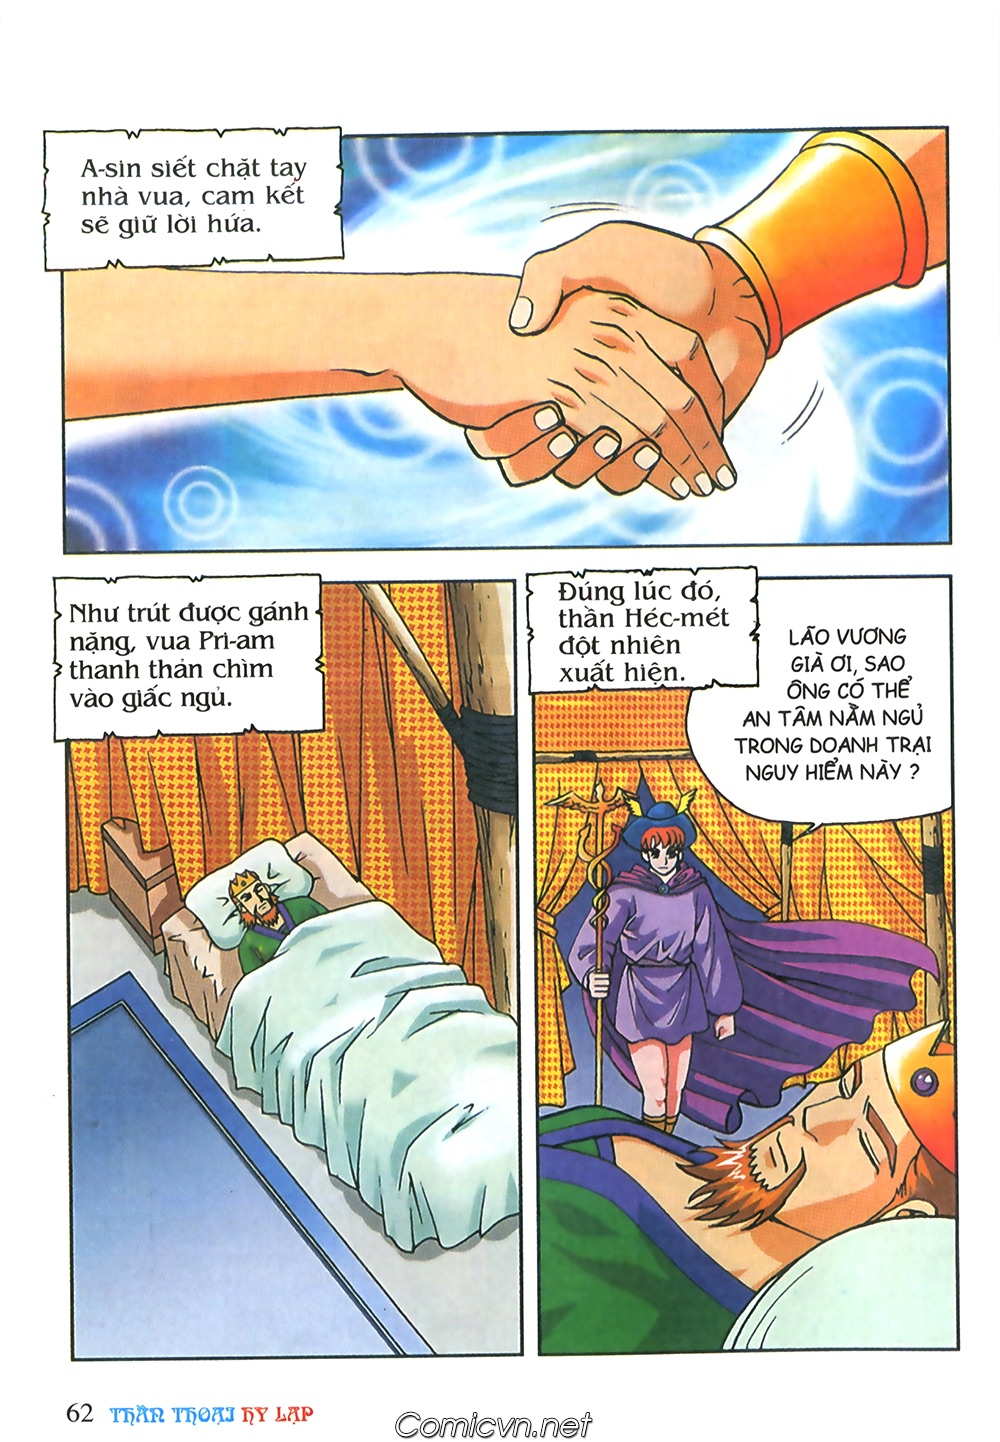 Thần Thoại Hy Lạp Màu - Chapter 63: Lão vương Pri am chuộc xác con - Pic 36